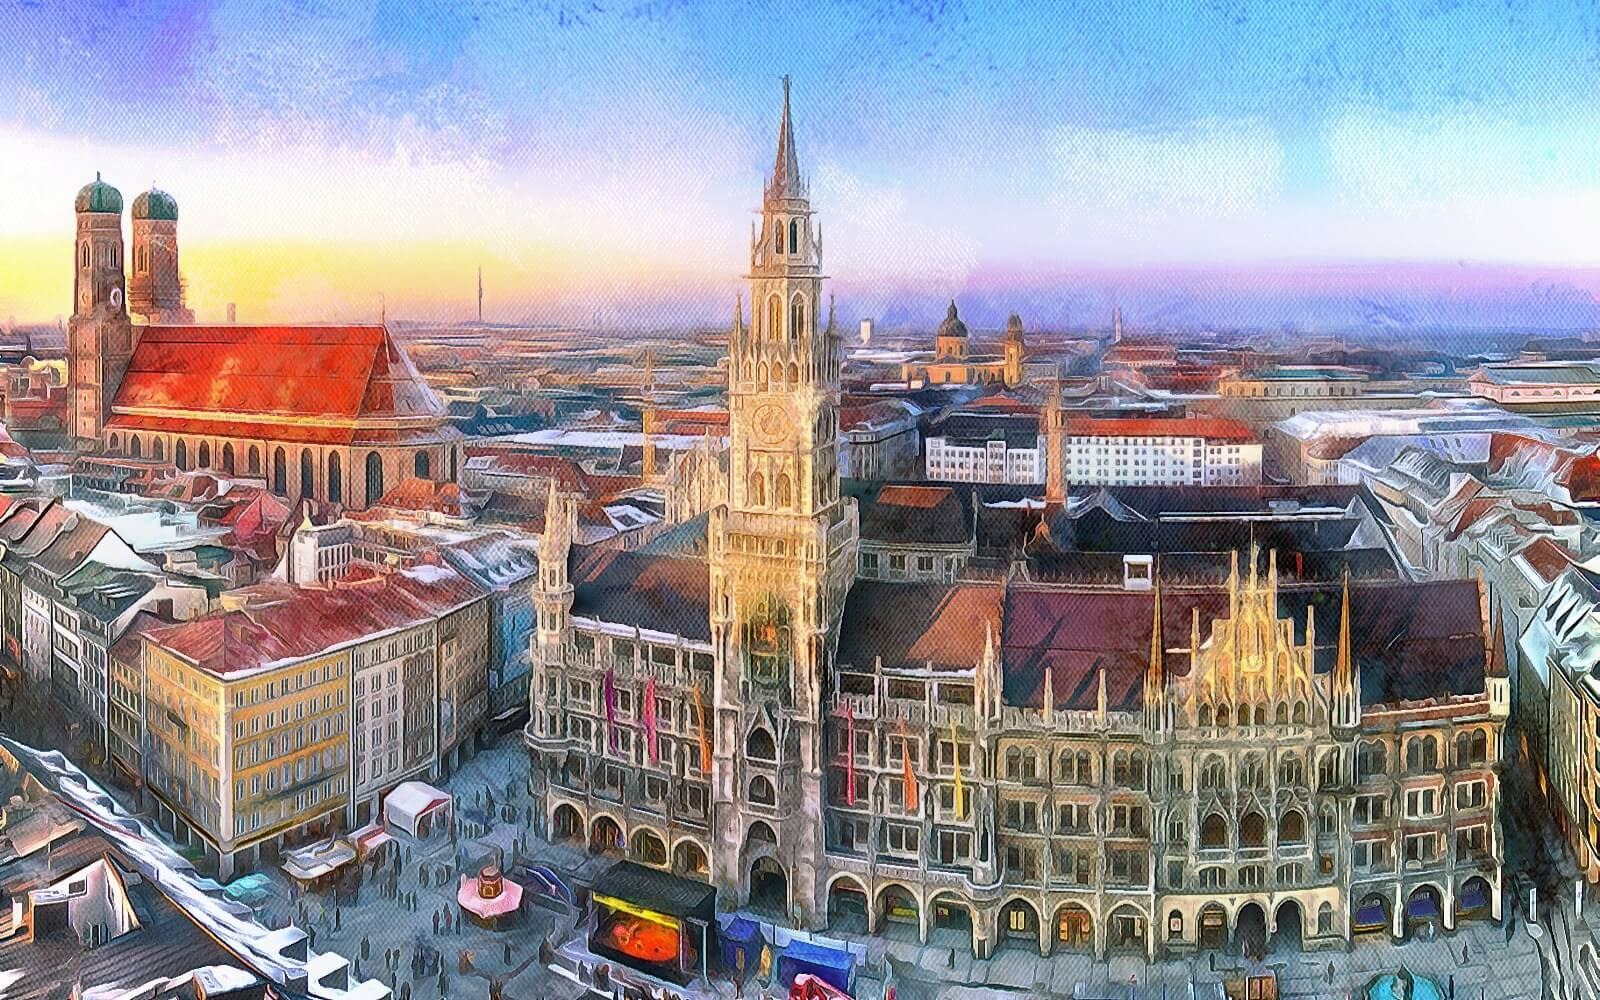 Ипотека в Европе для россиян в 2019. Общие принципы для приобретении зарубежной недвижимости